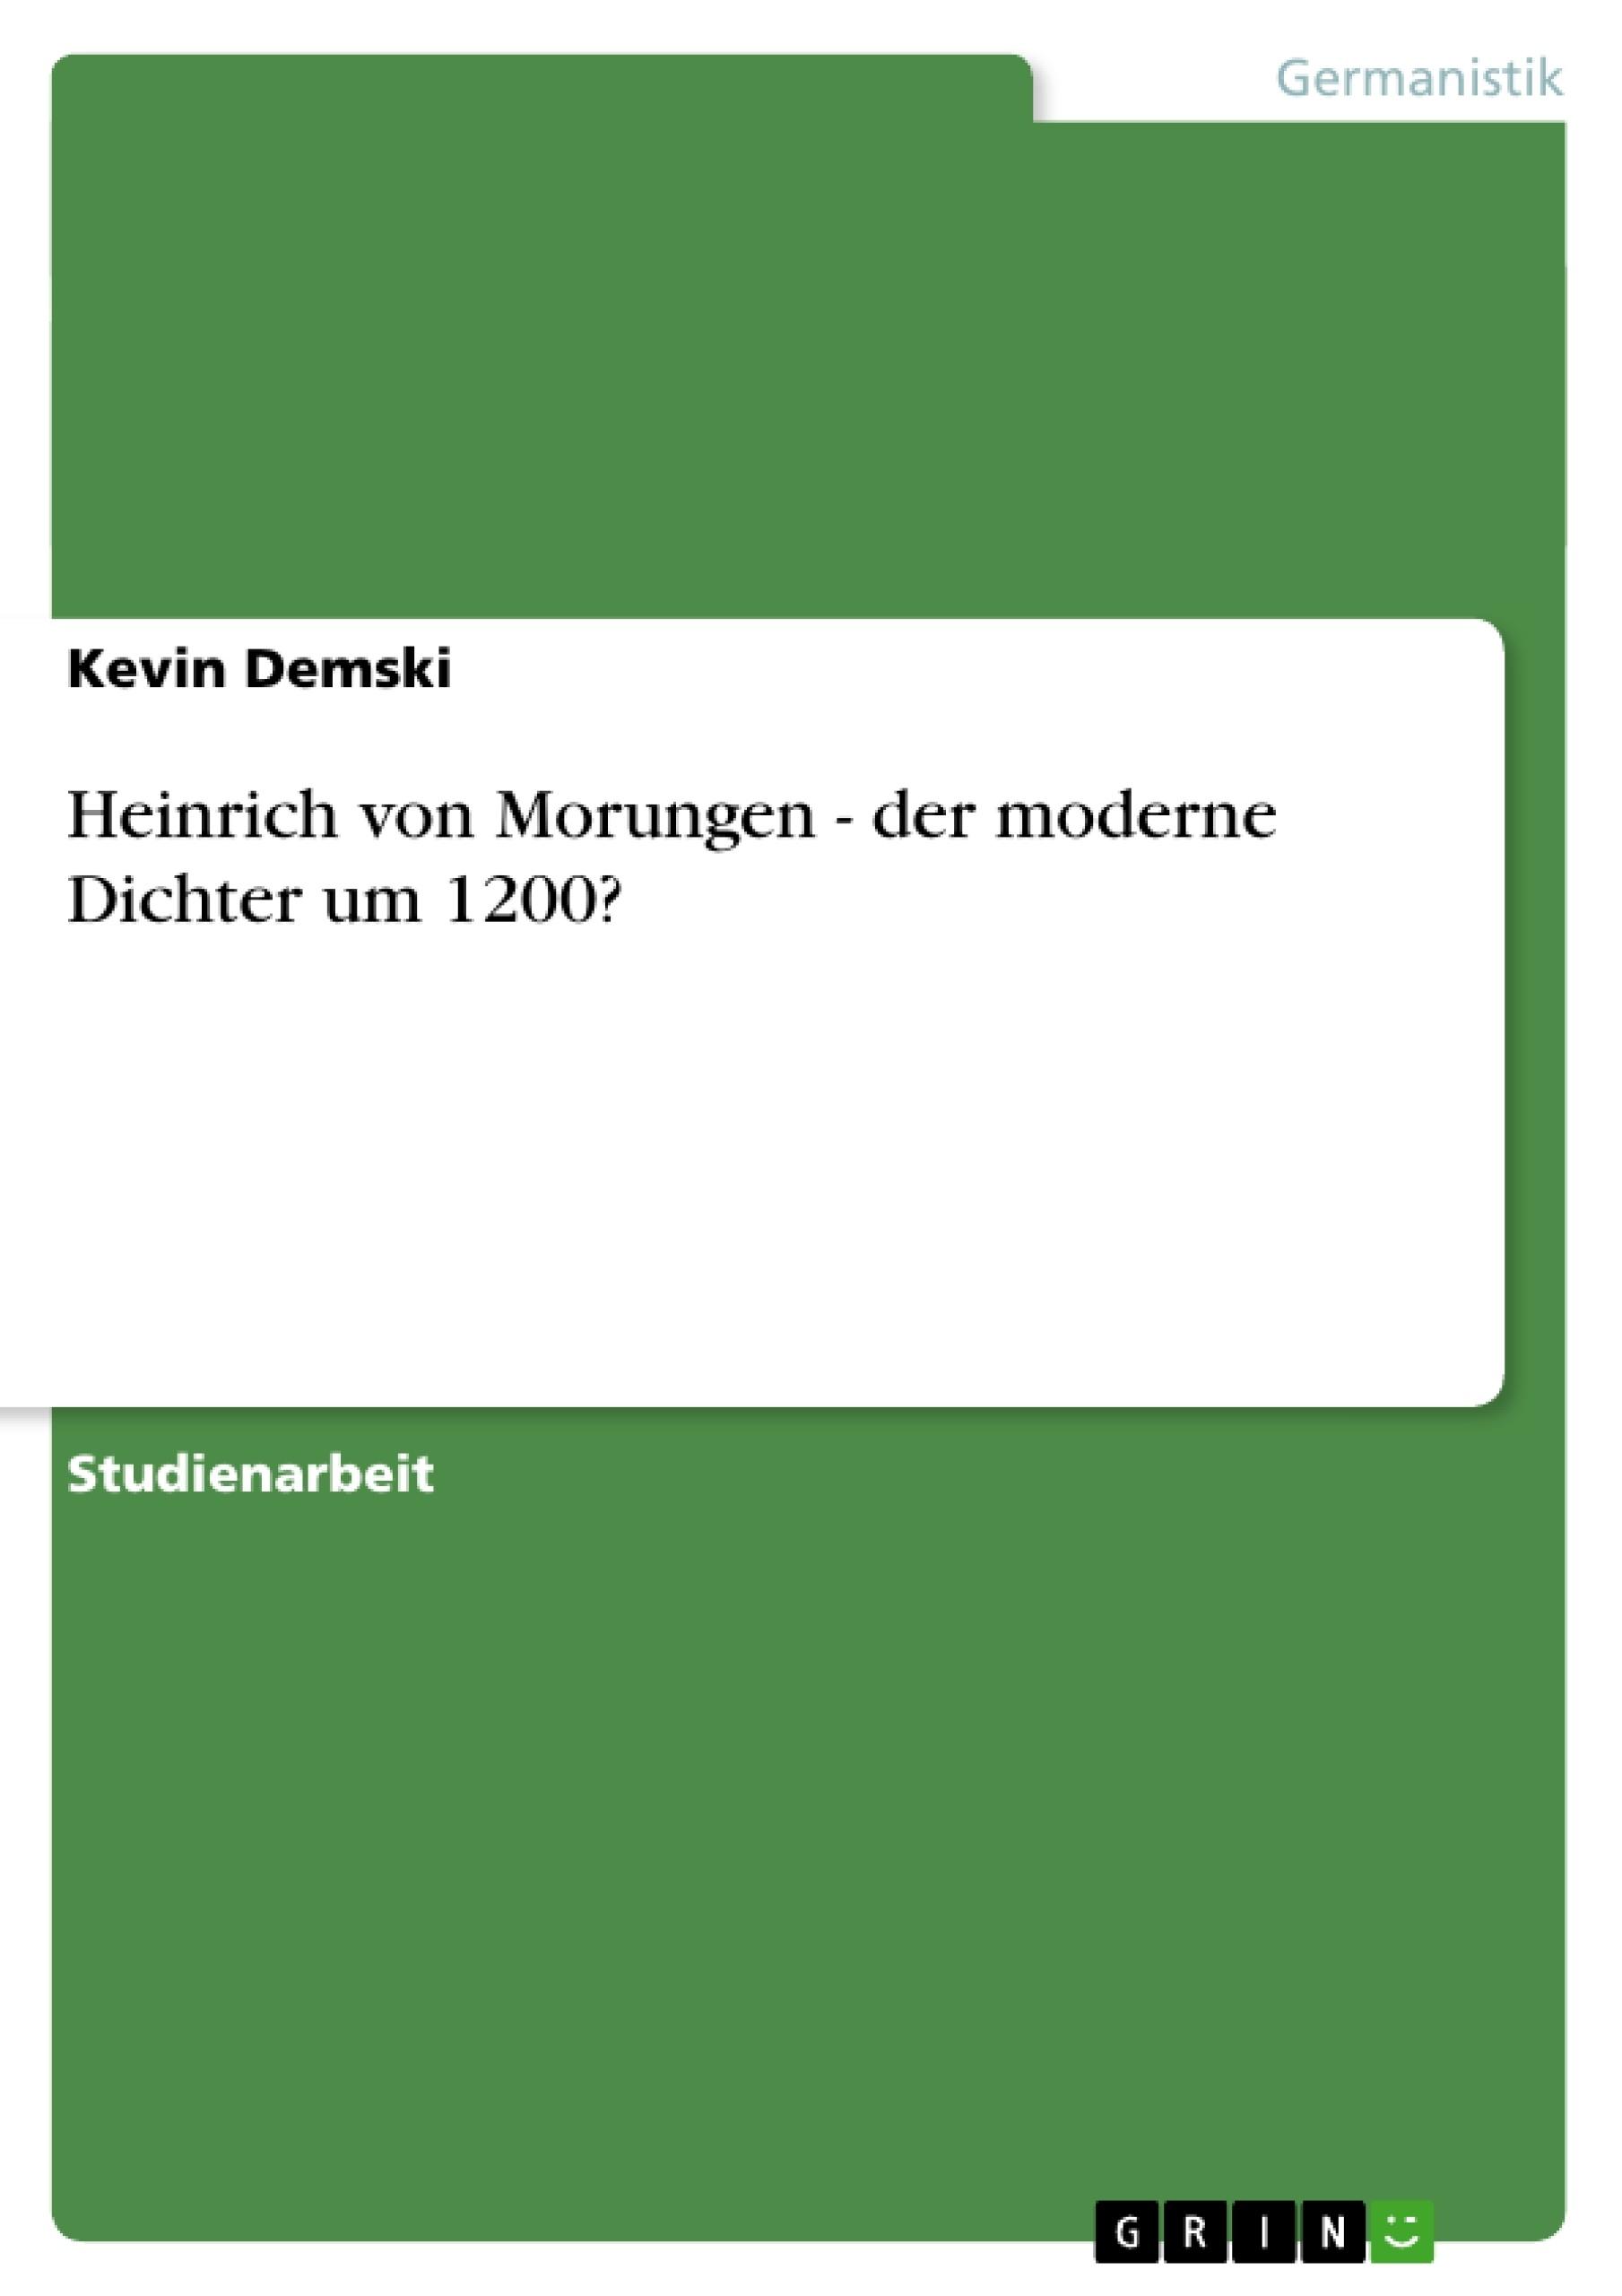 Titel: Heinrich von Morungen - der moderne Dichter um 1200?